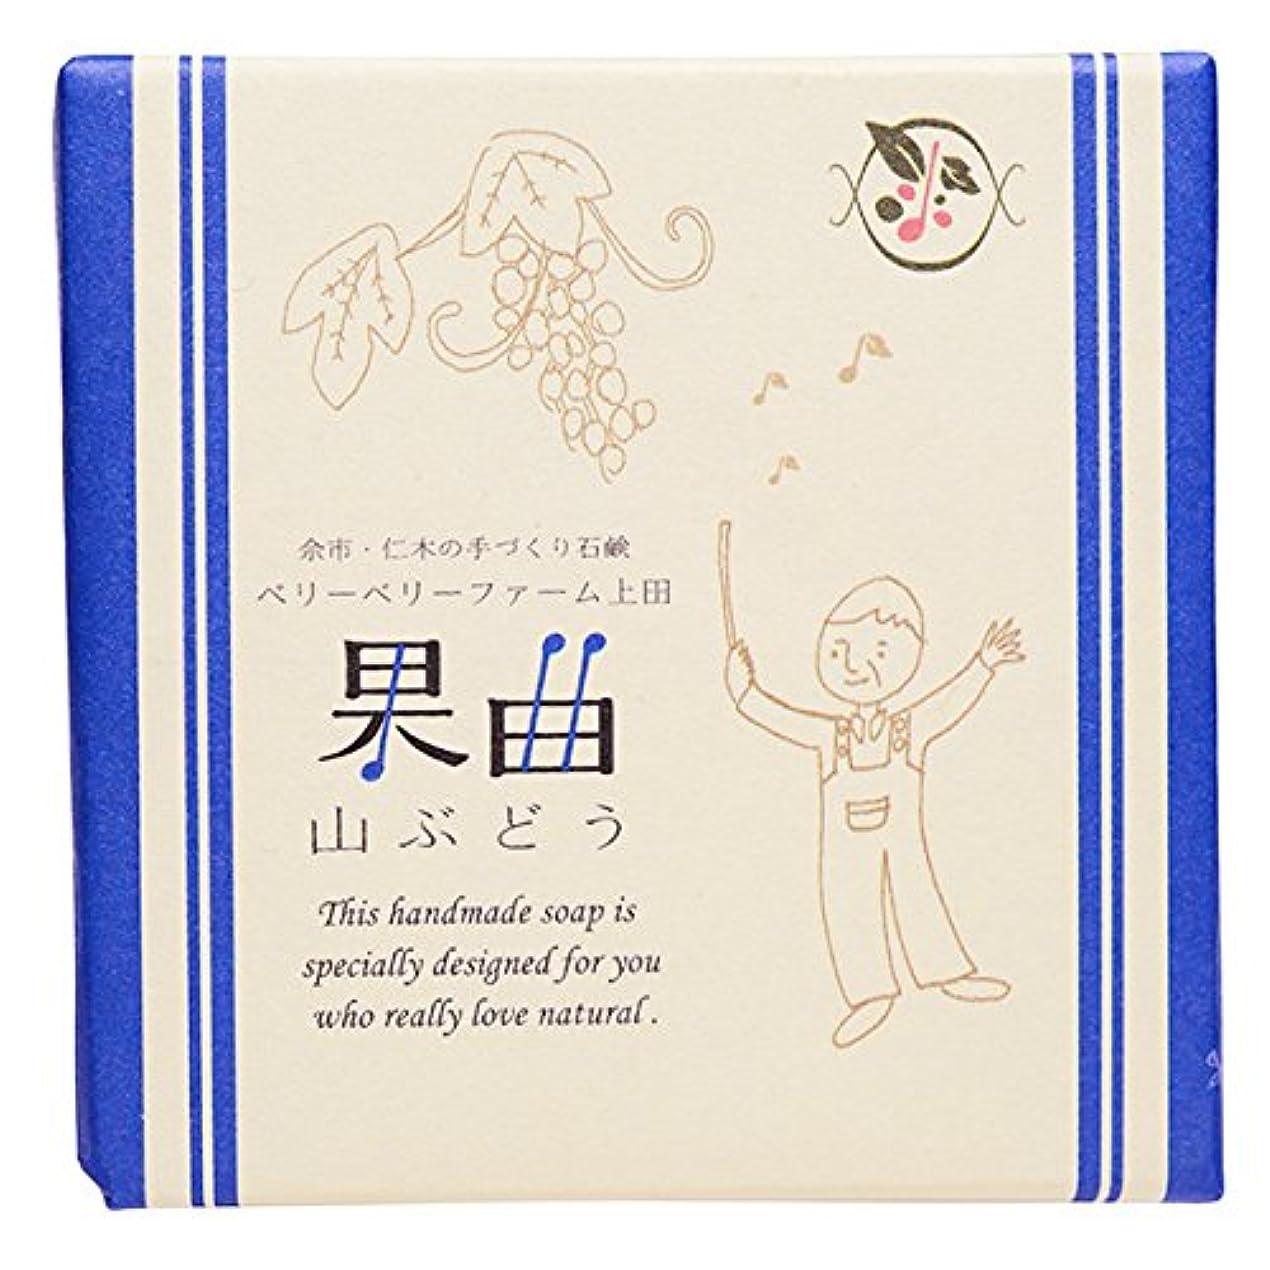 割り当てますクルーズ徴収余市町仁木のベリーベリーファーム上田との共同開発 果曲(山ぶどう)純練り石鹸